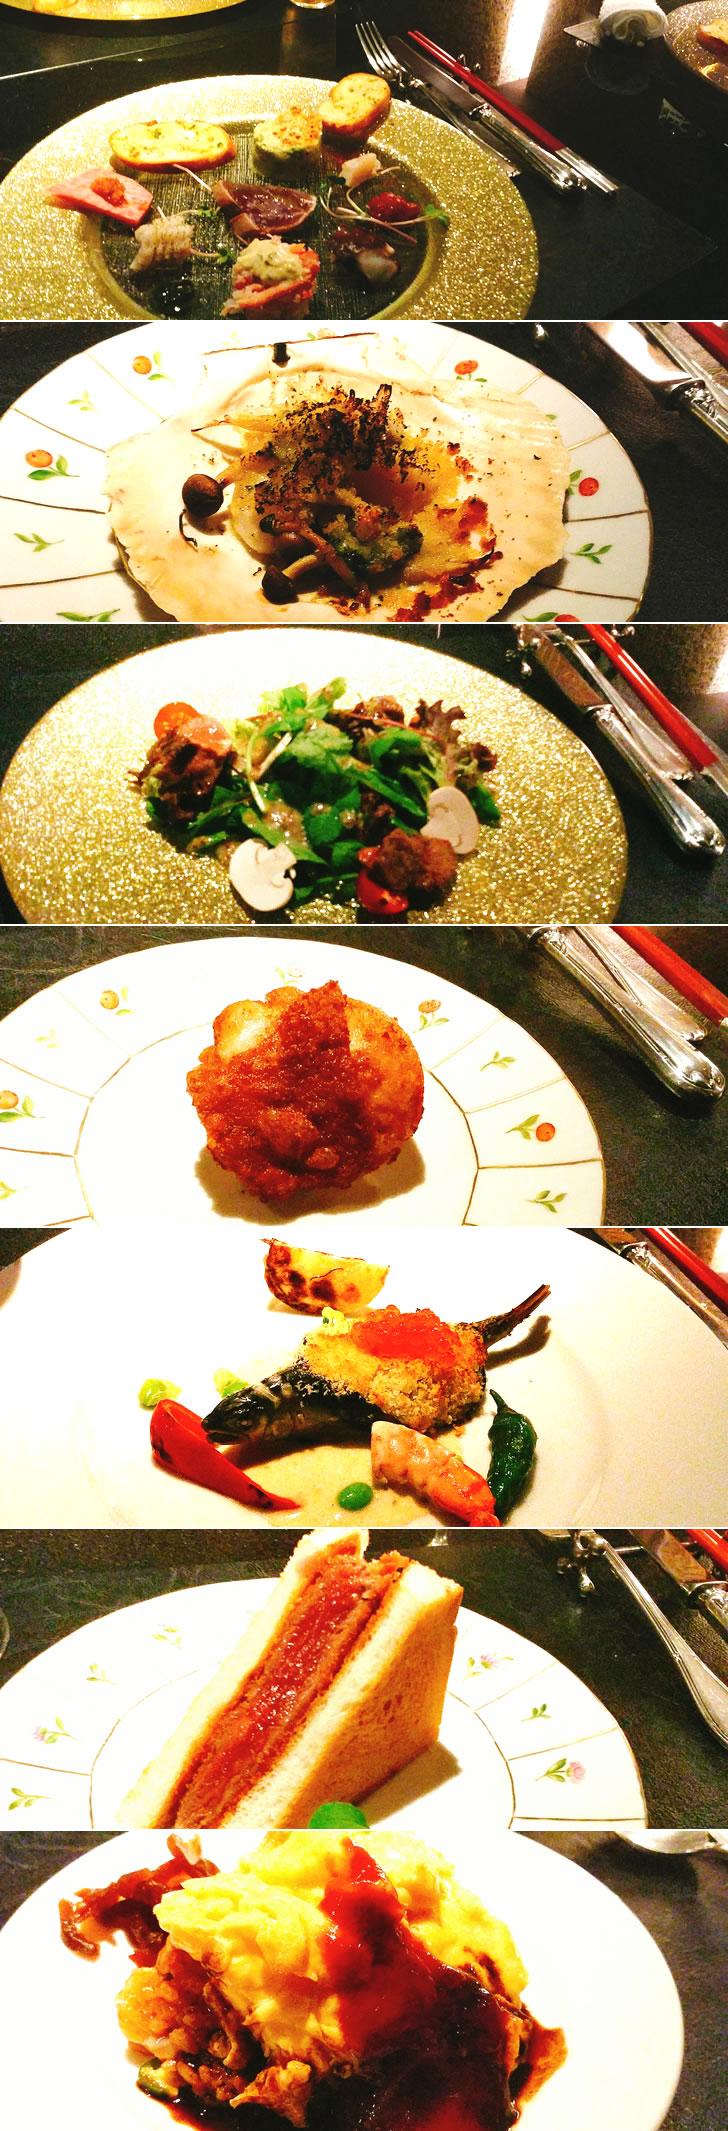 大阪オフ会のお料理